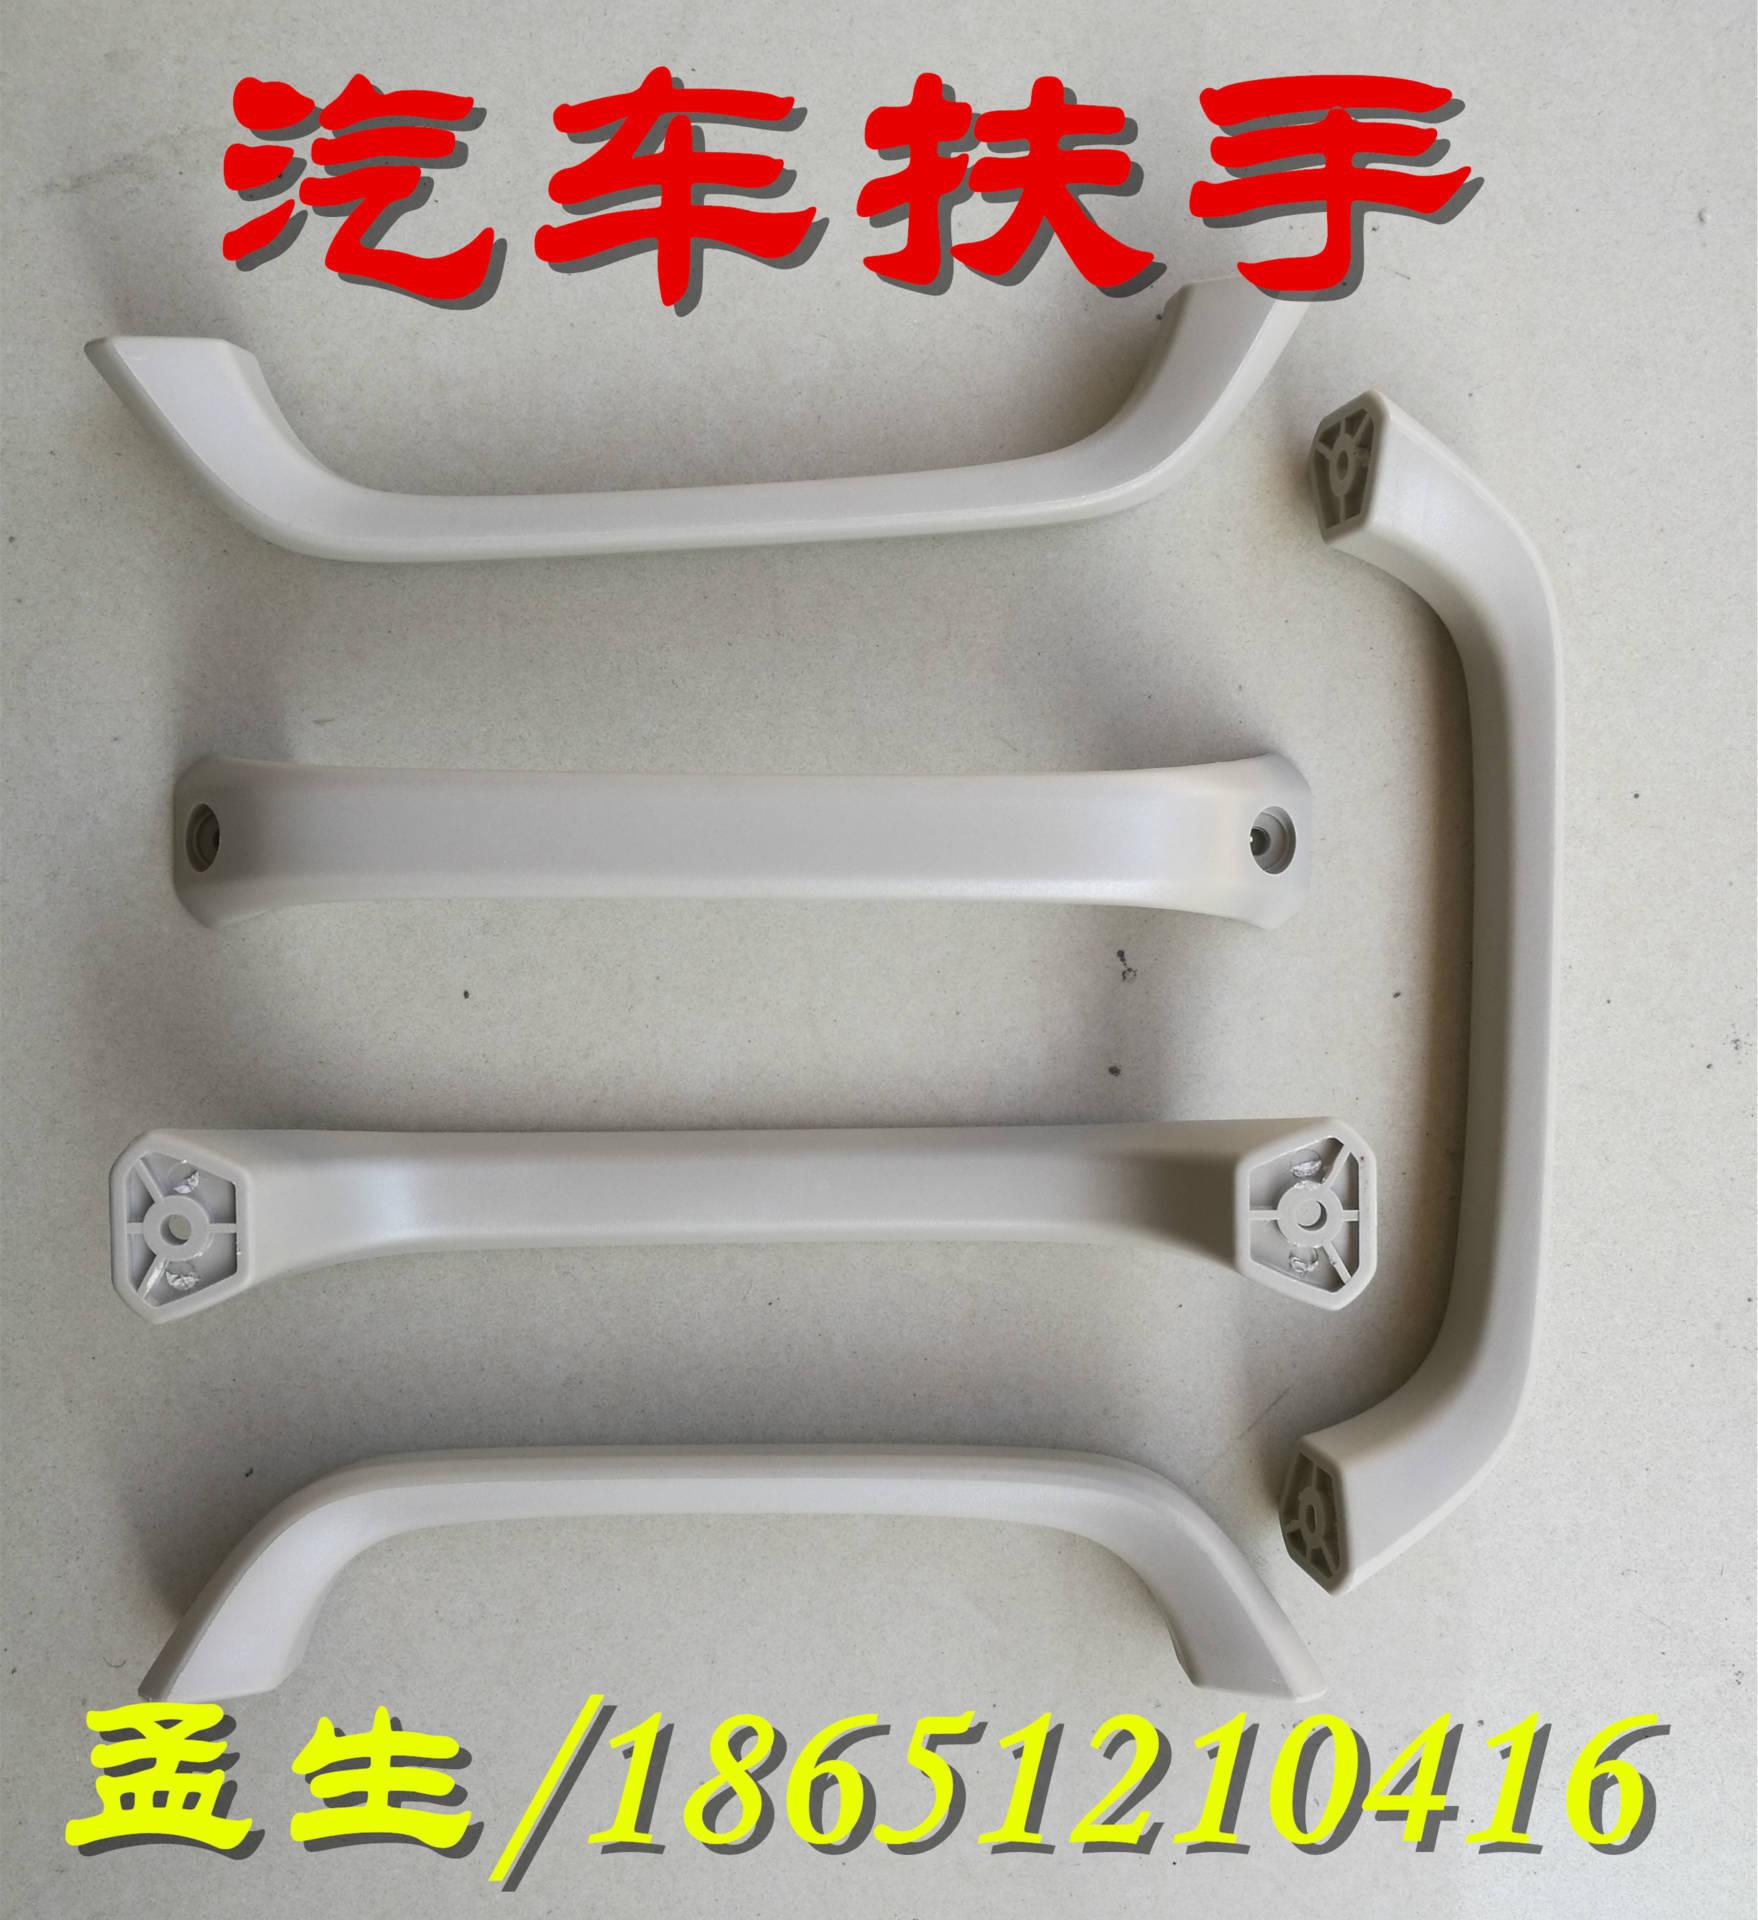 厂家直销 本色玻纤增强30% 尼龙PA6  环保白色 性能稳定,性价比示例图4